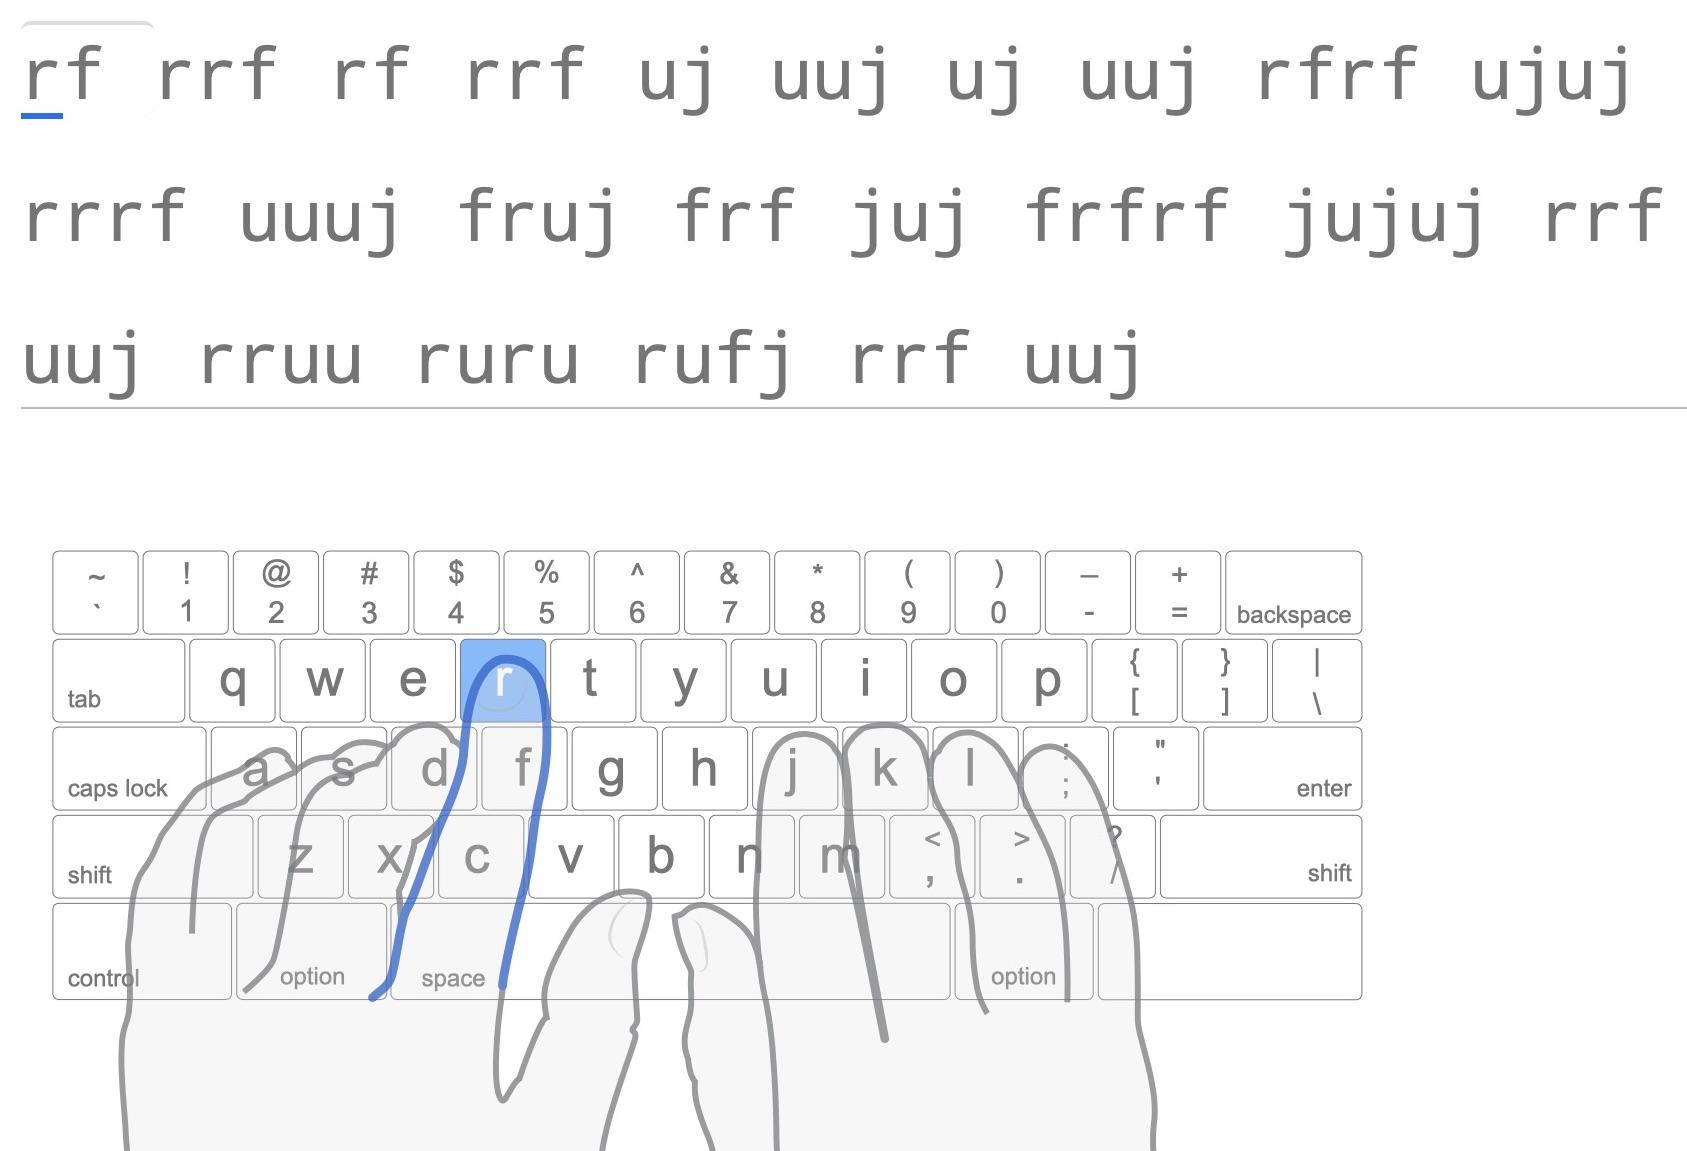 Print de tela mostrando sequências de caracteres e posicionamento de dedos no teclado.